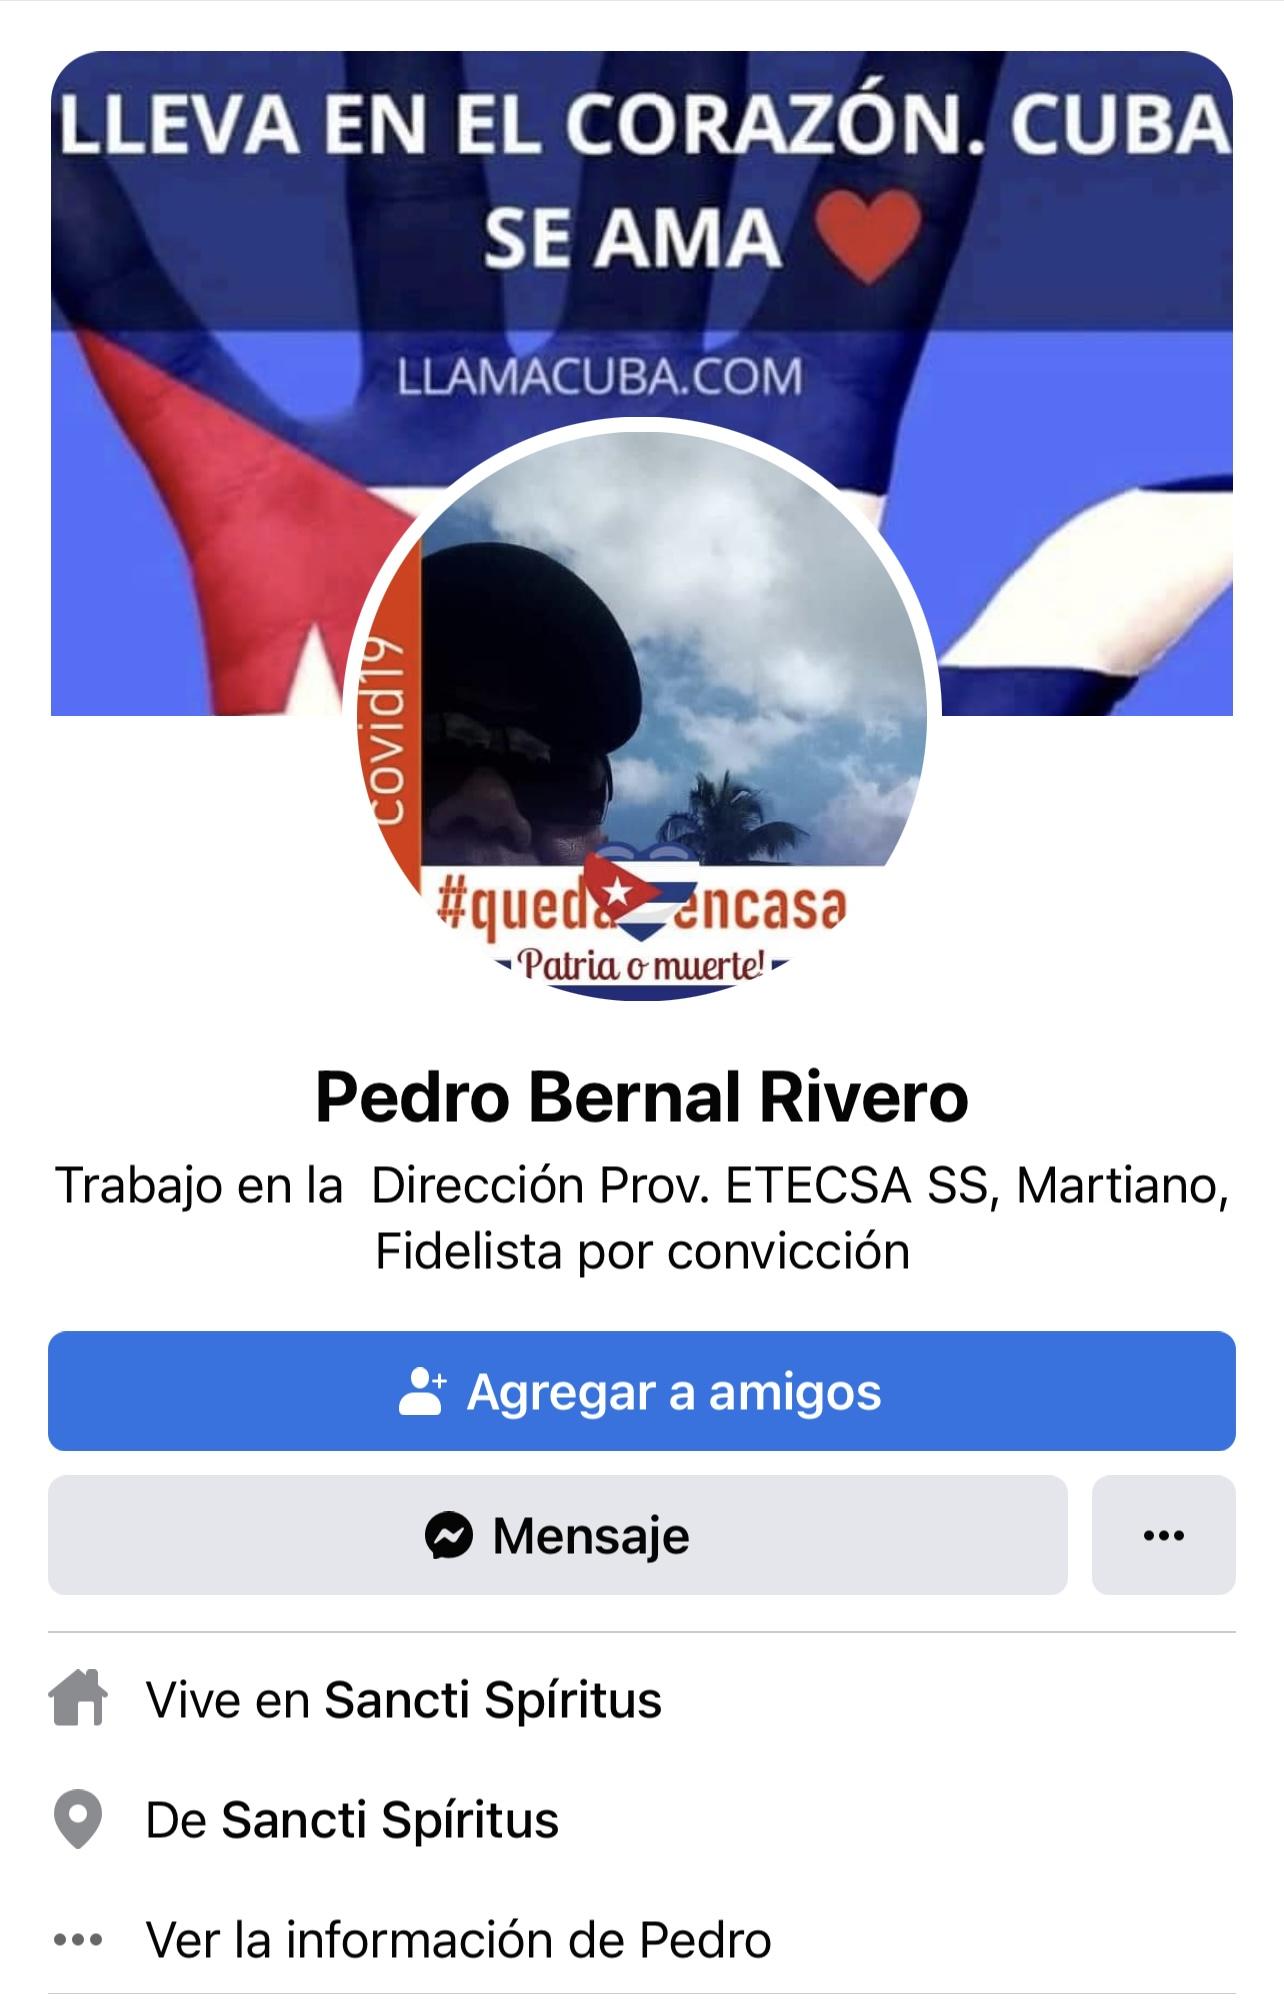 Pedro Bernal Rivero